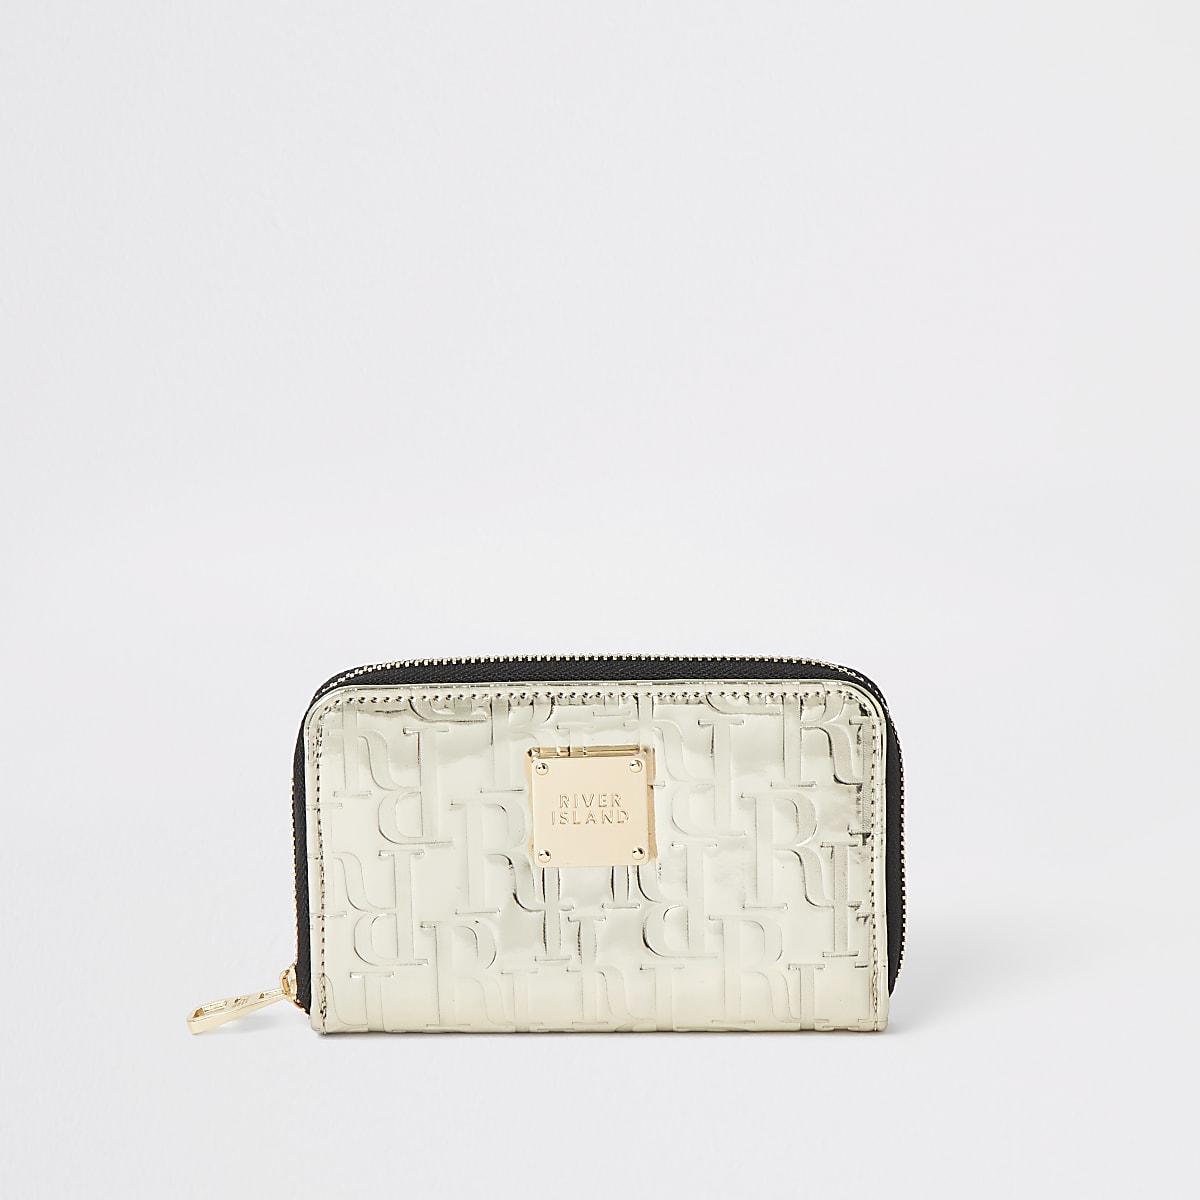 Goudkleurige portemonnee met RI in reliëf en rits rondom